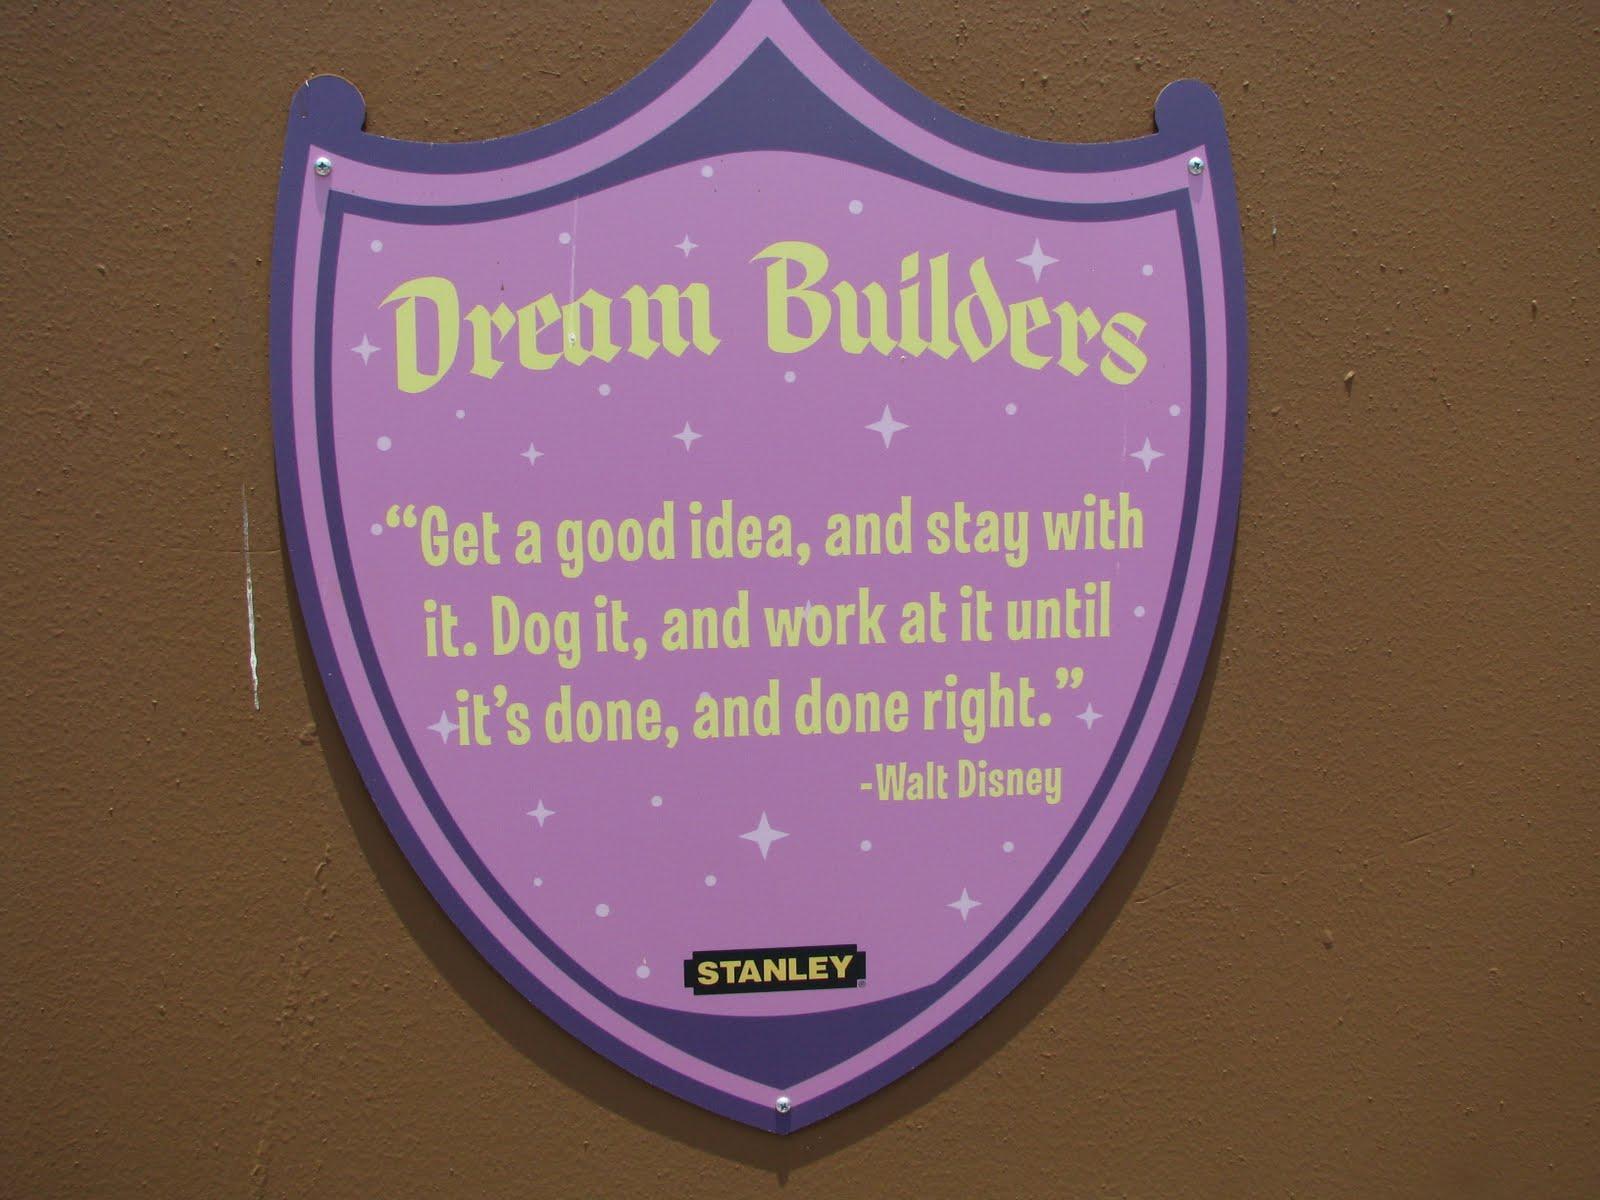 Building Dreams